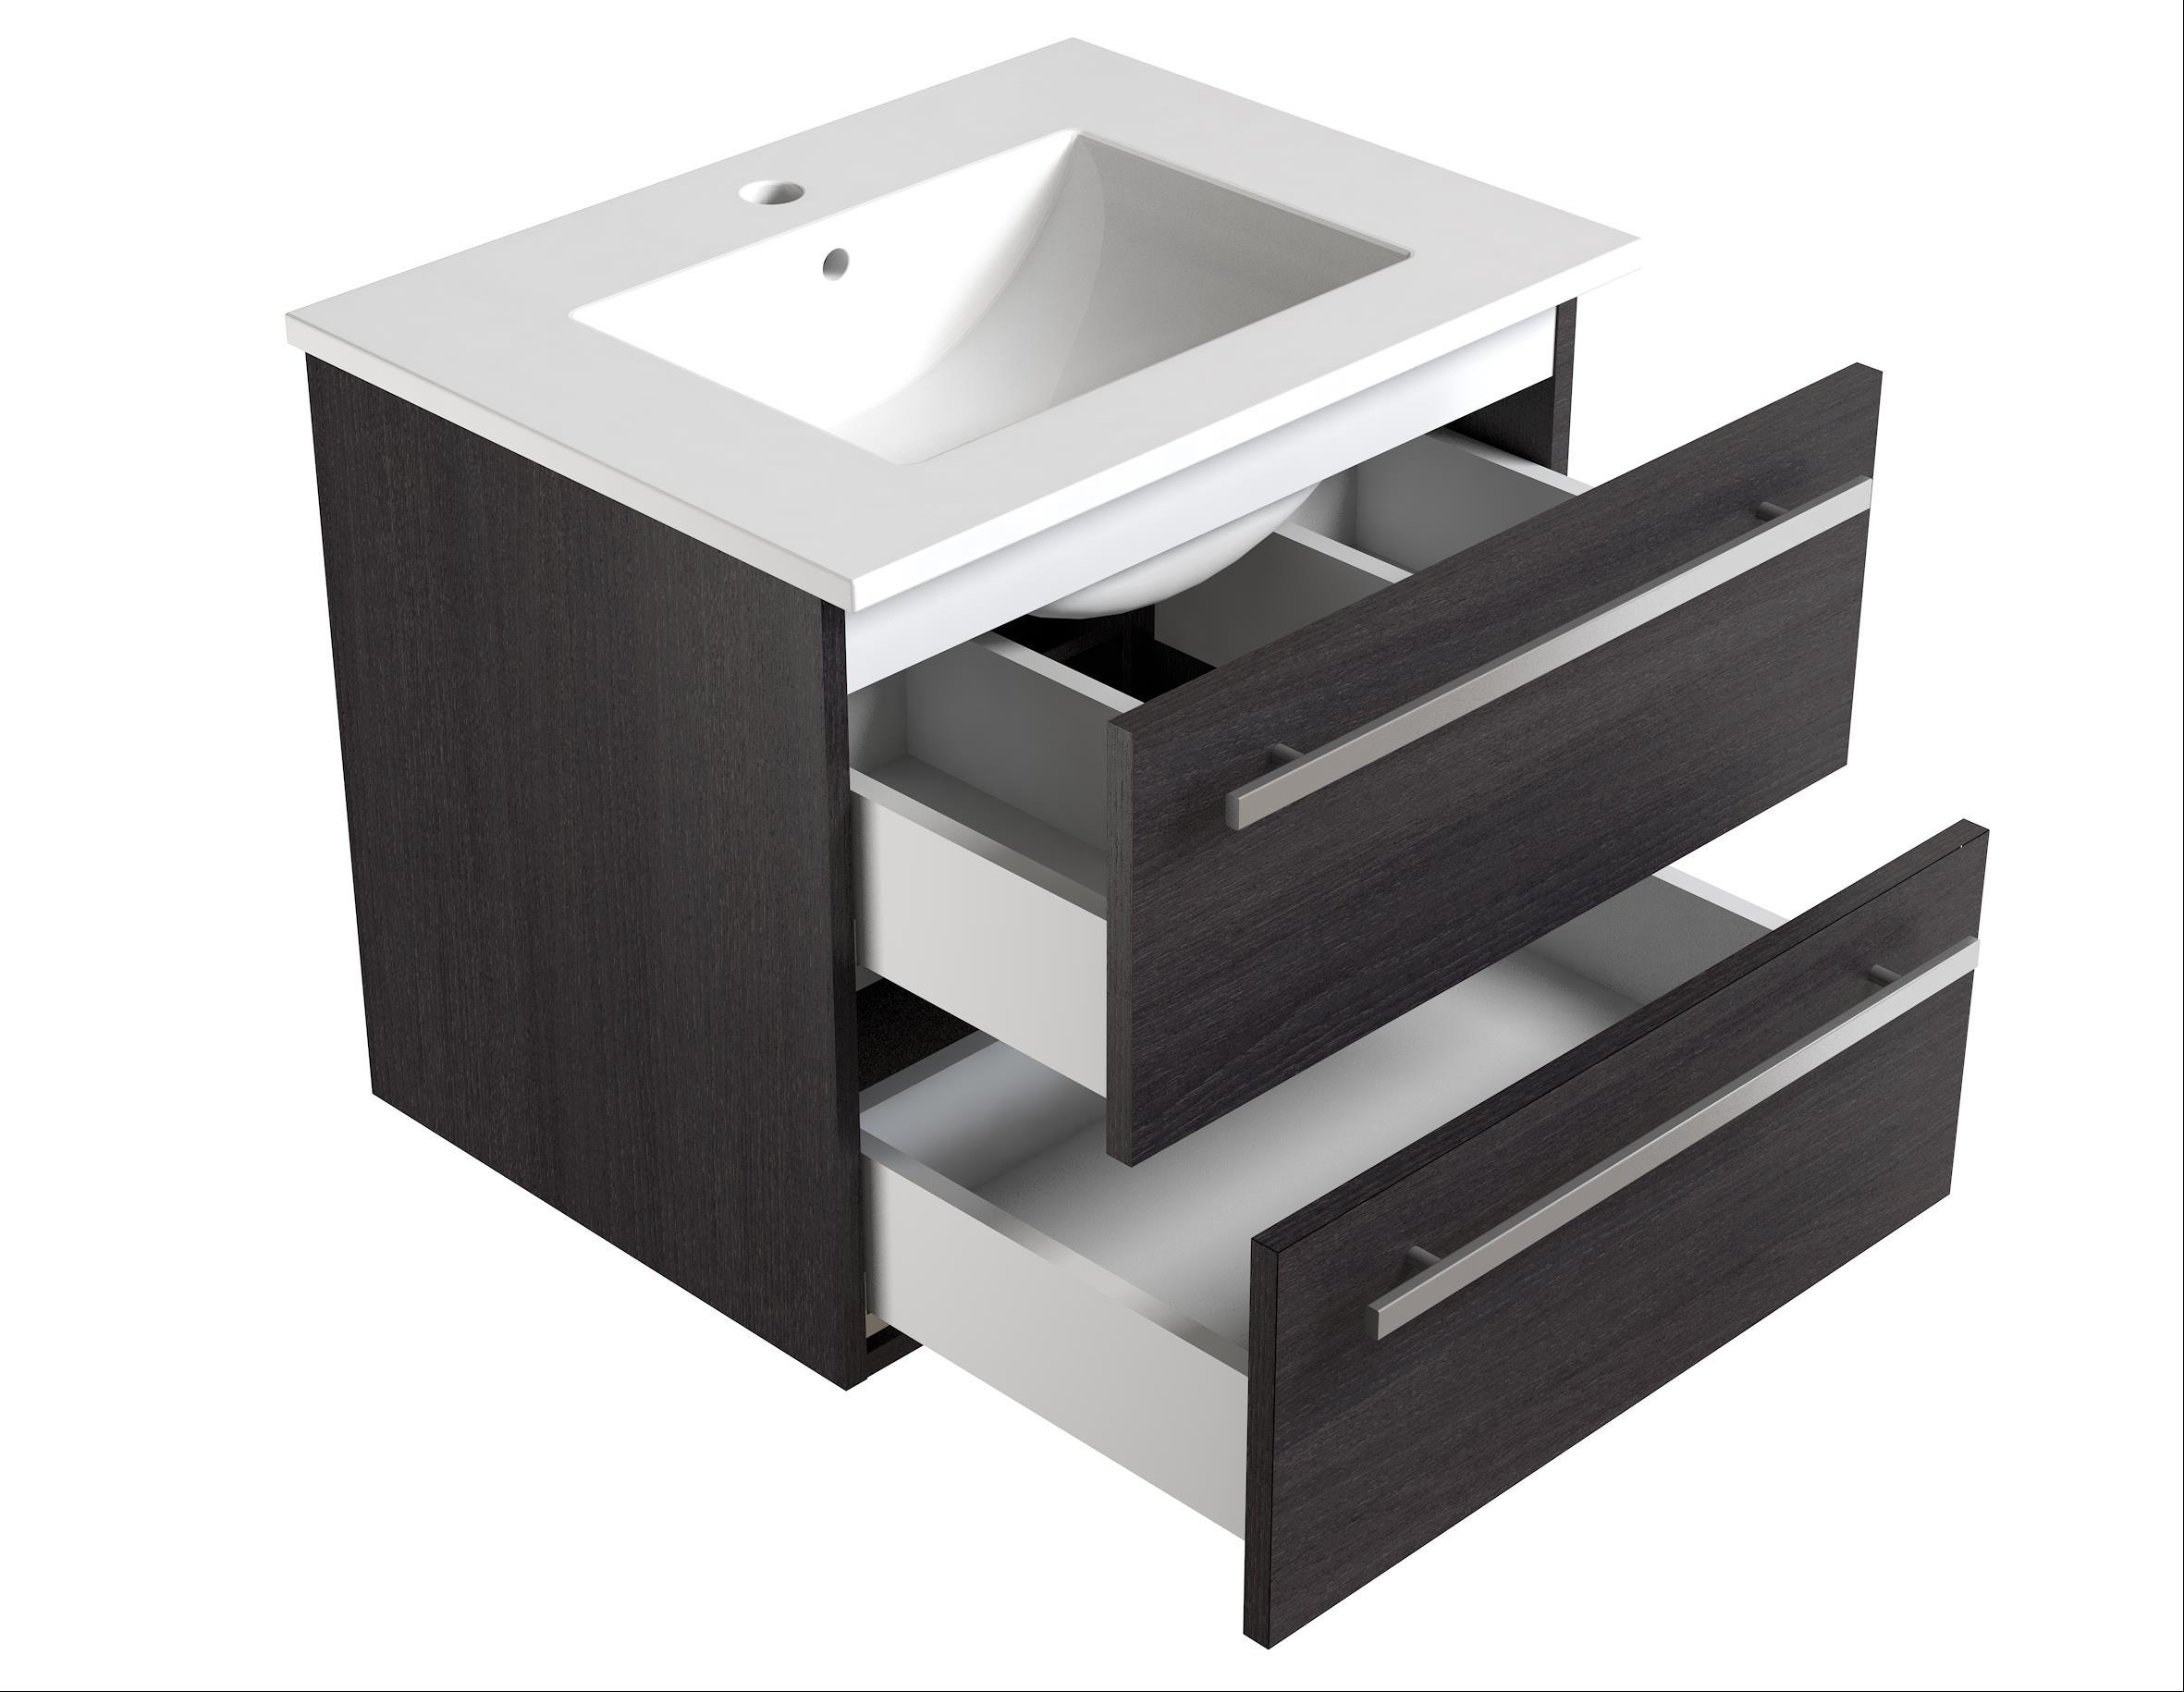 Bad Waschtischunterschrank mit Keramik-Waschtisch Serena 61 Eiche schwarz Bild 3